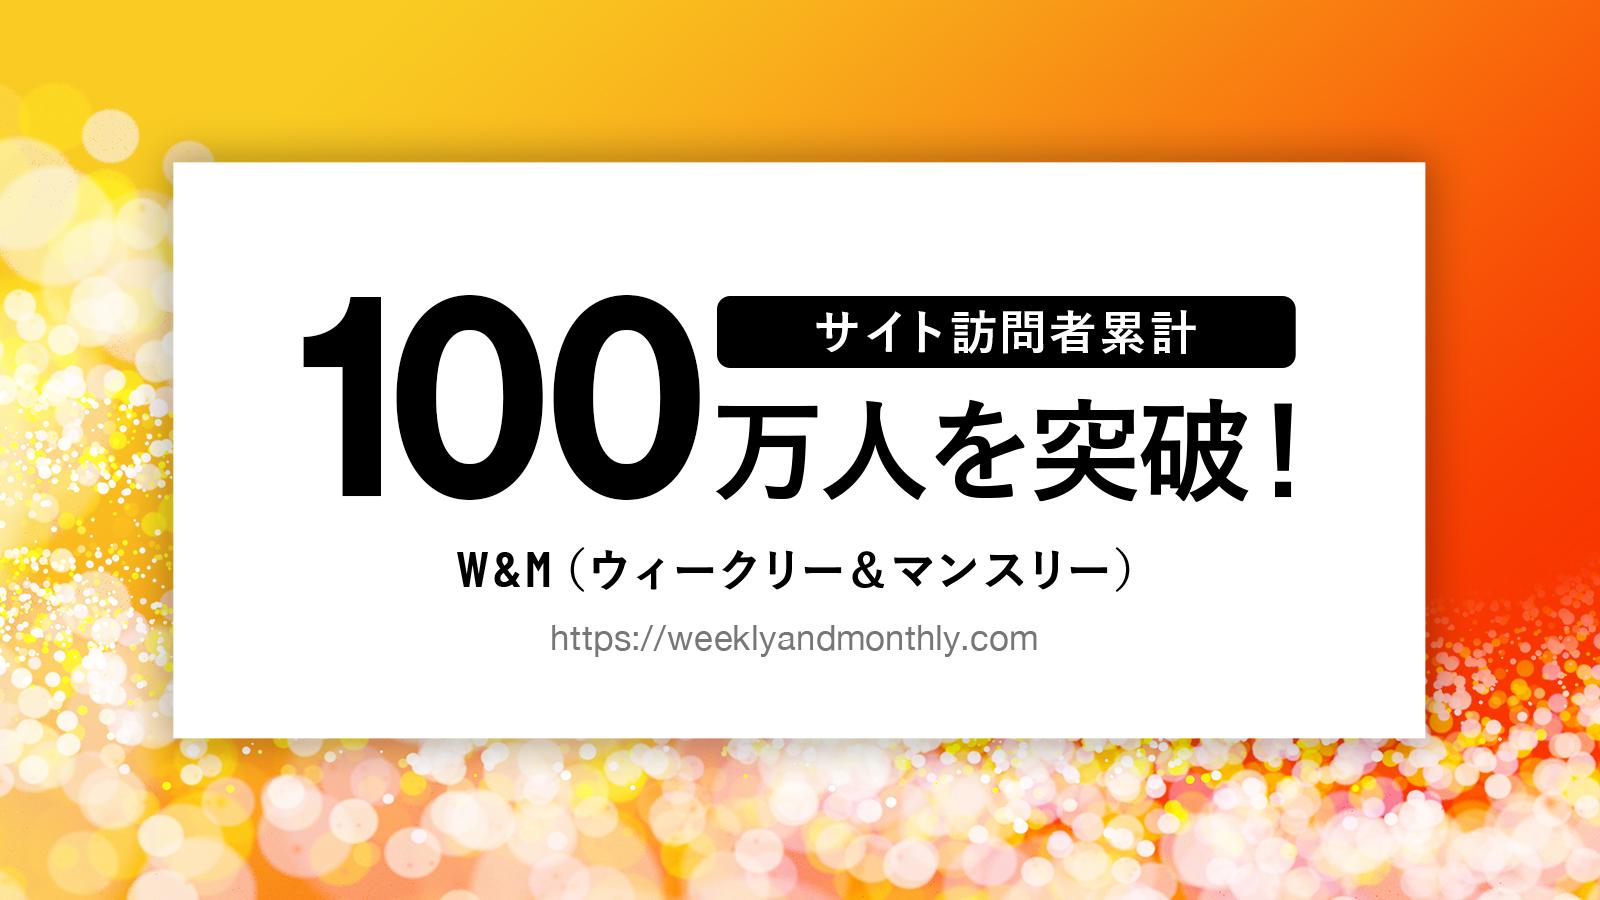 【PR】W&M(ウィークリー &マンスリー) サイト訪問者累計100万人を突破!